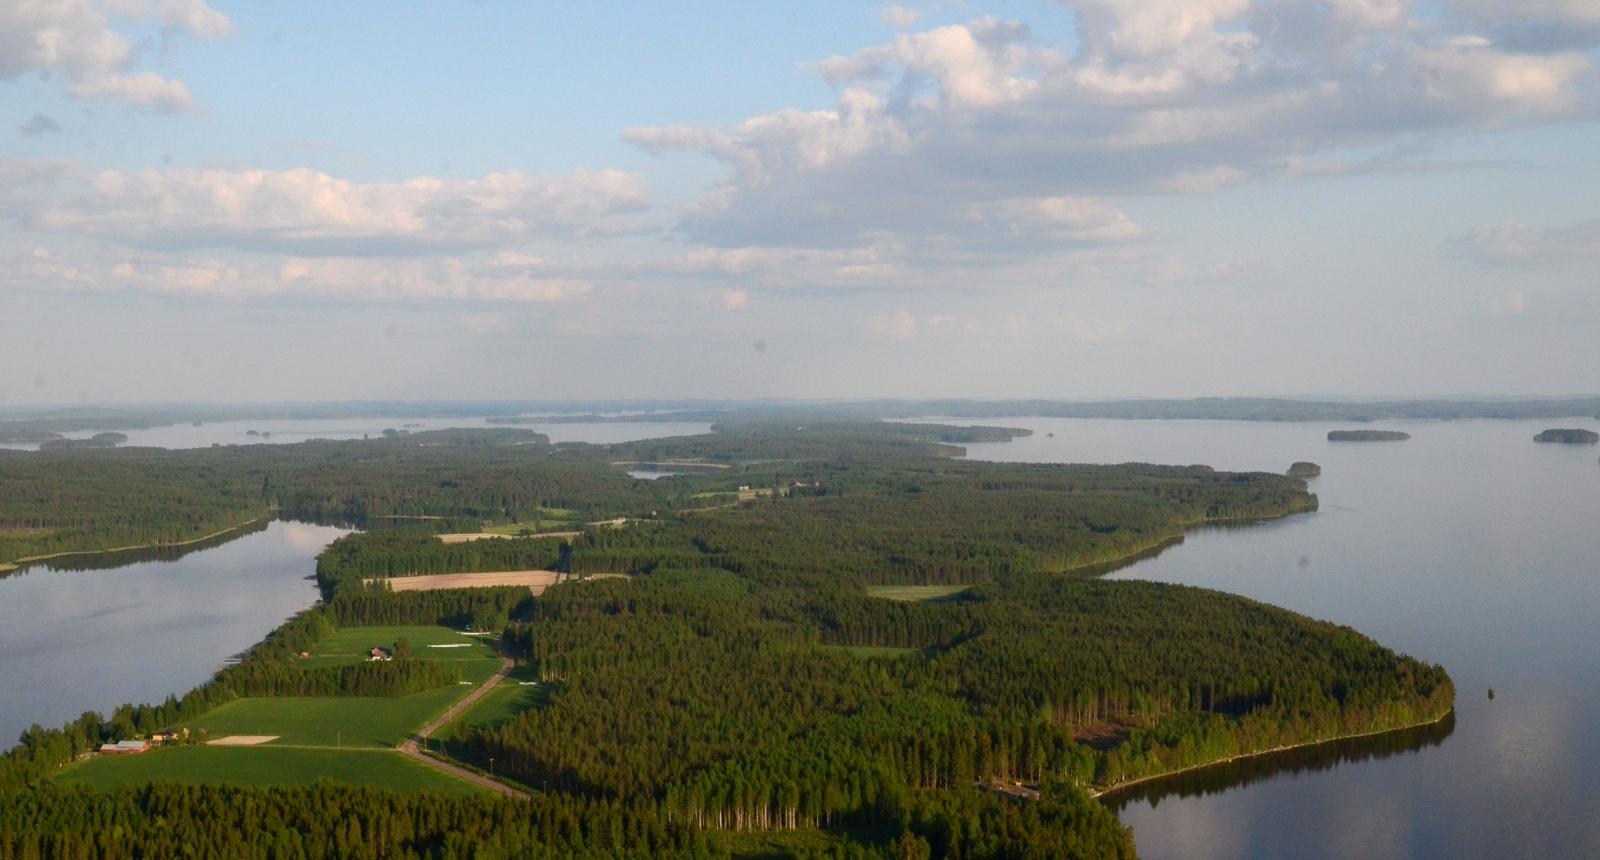 Kuvan kannas jatkuu Istnmäelle saakka. Kauimmainen vesistö kuvassa vasemmalla on Pohjois-Konnevesi.